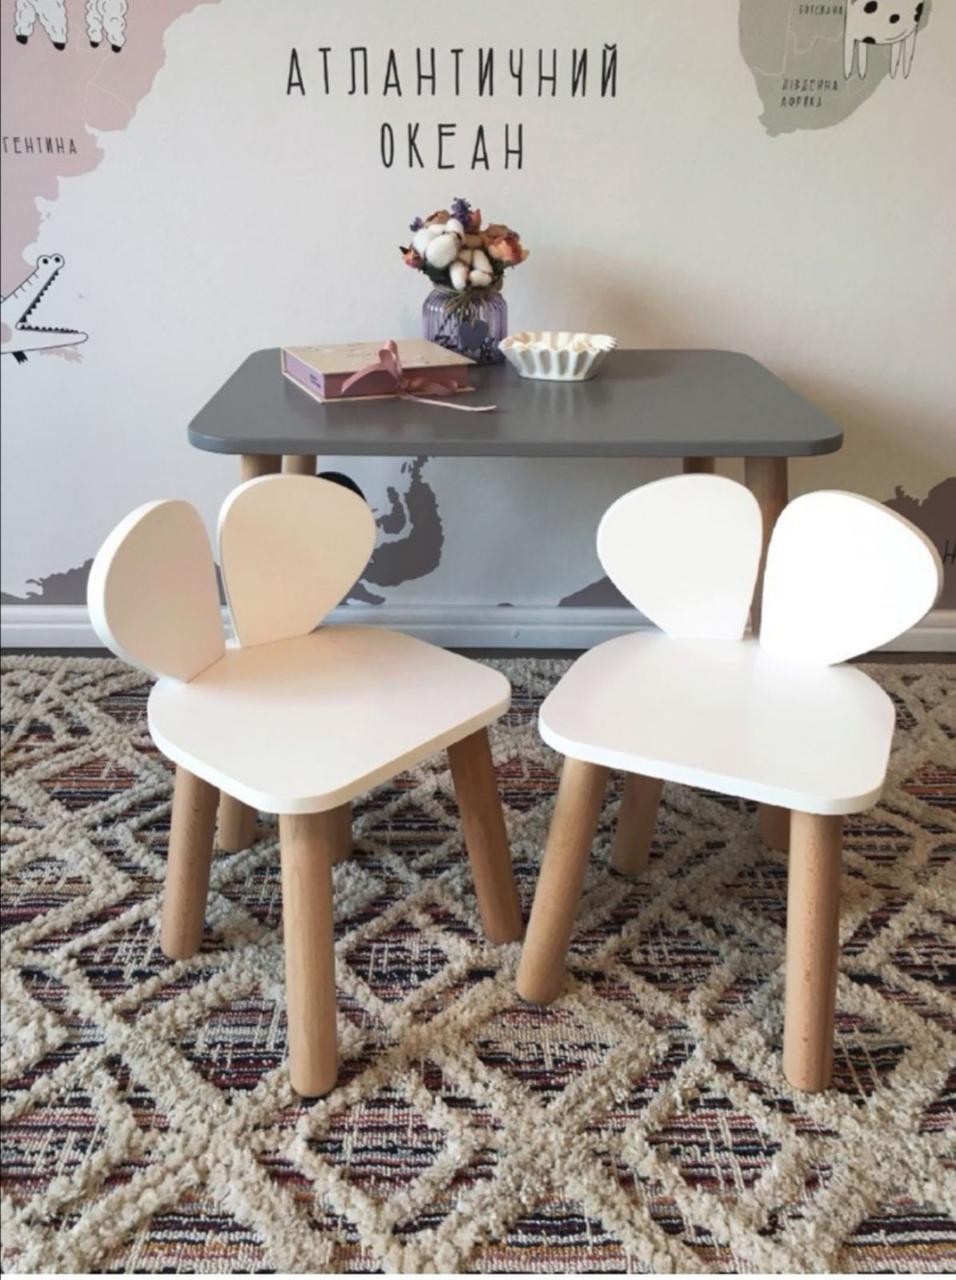 Дитячий стіл і 2 стілець (дерев'яні стільчики ведмедики і прямокутний стіл)